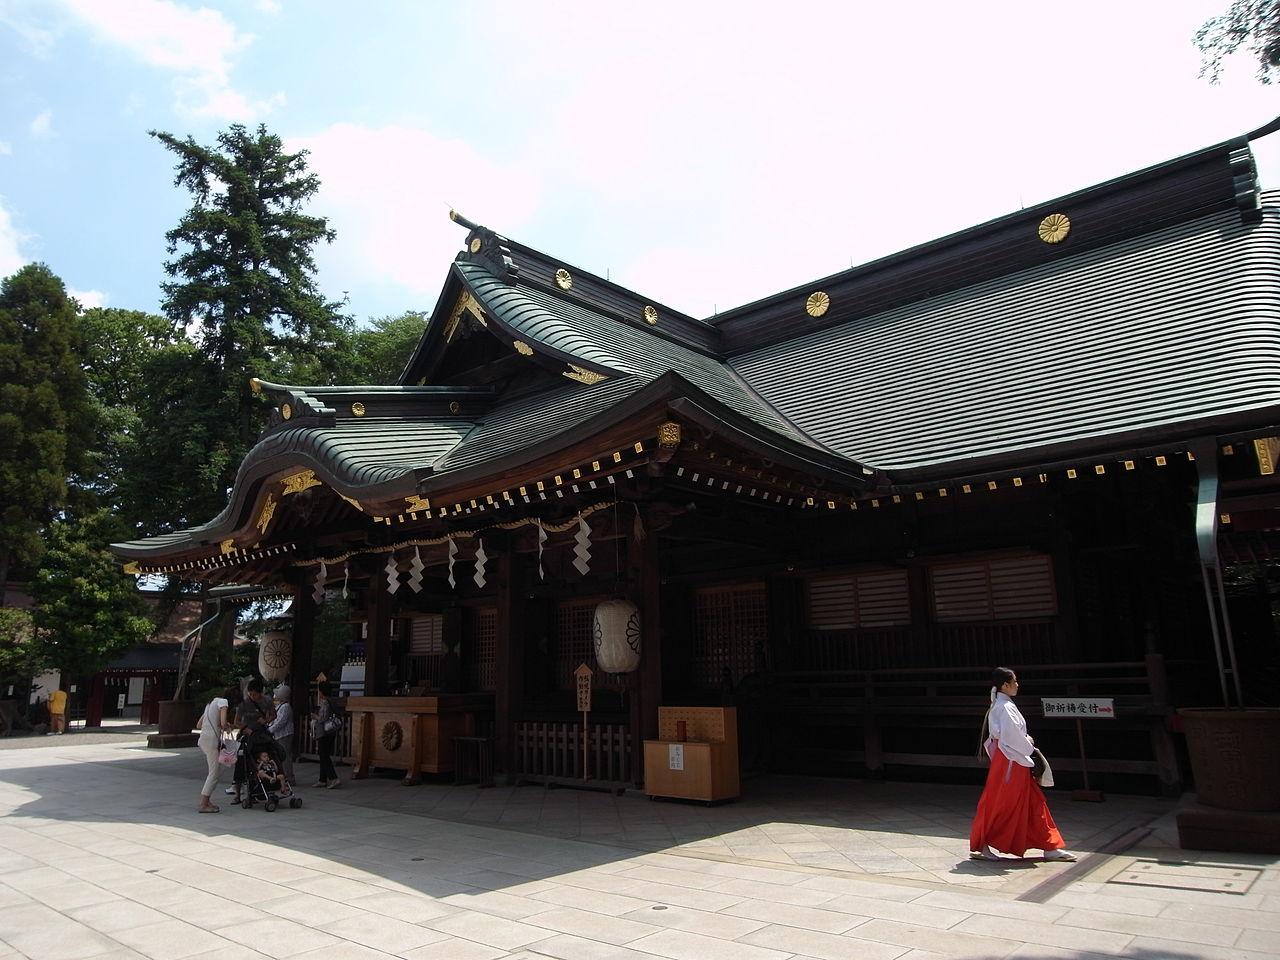 [御祭神がオオクニミタマノカミ]初詣で人気の神社のキャプチャー